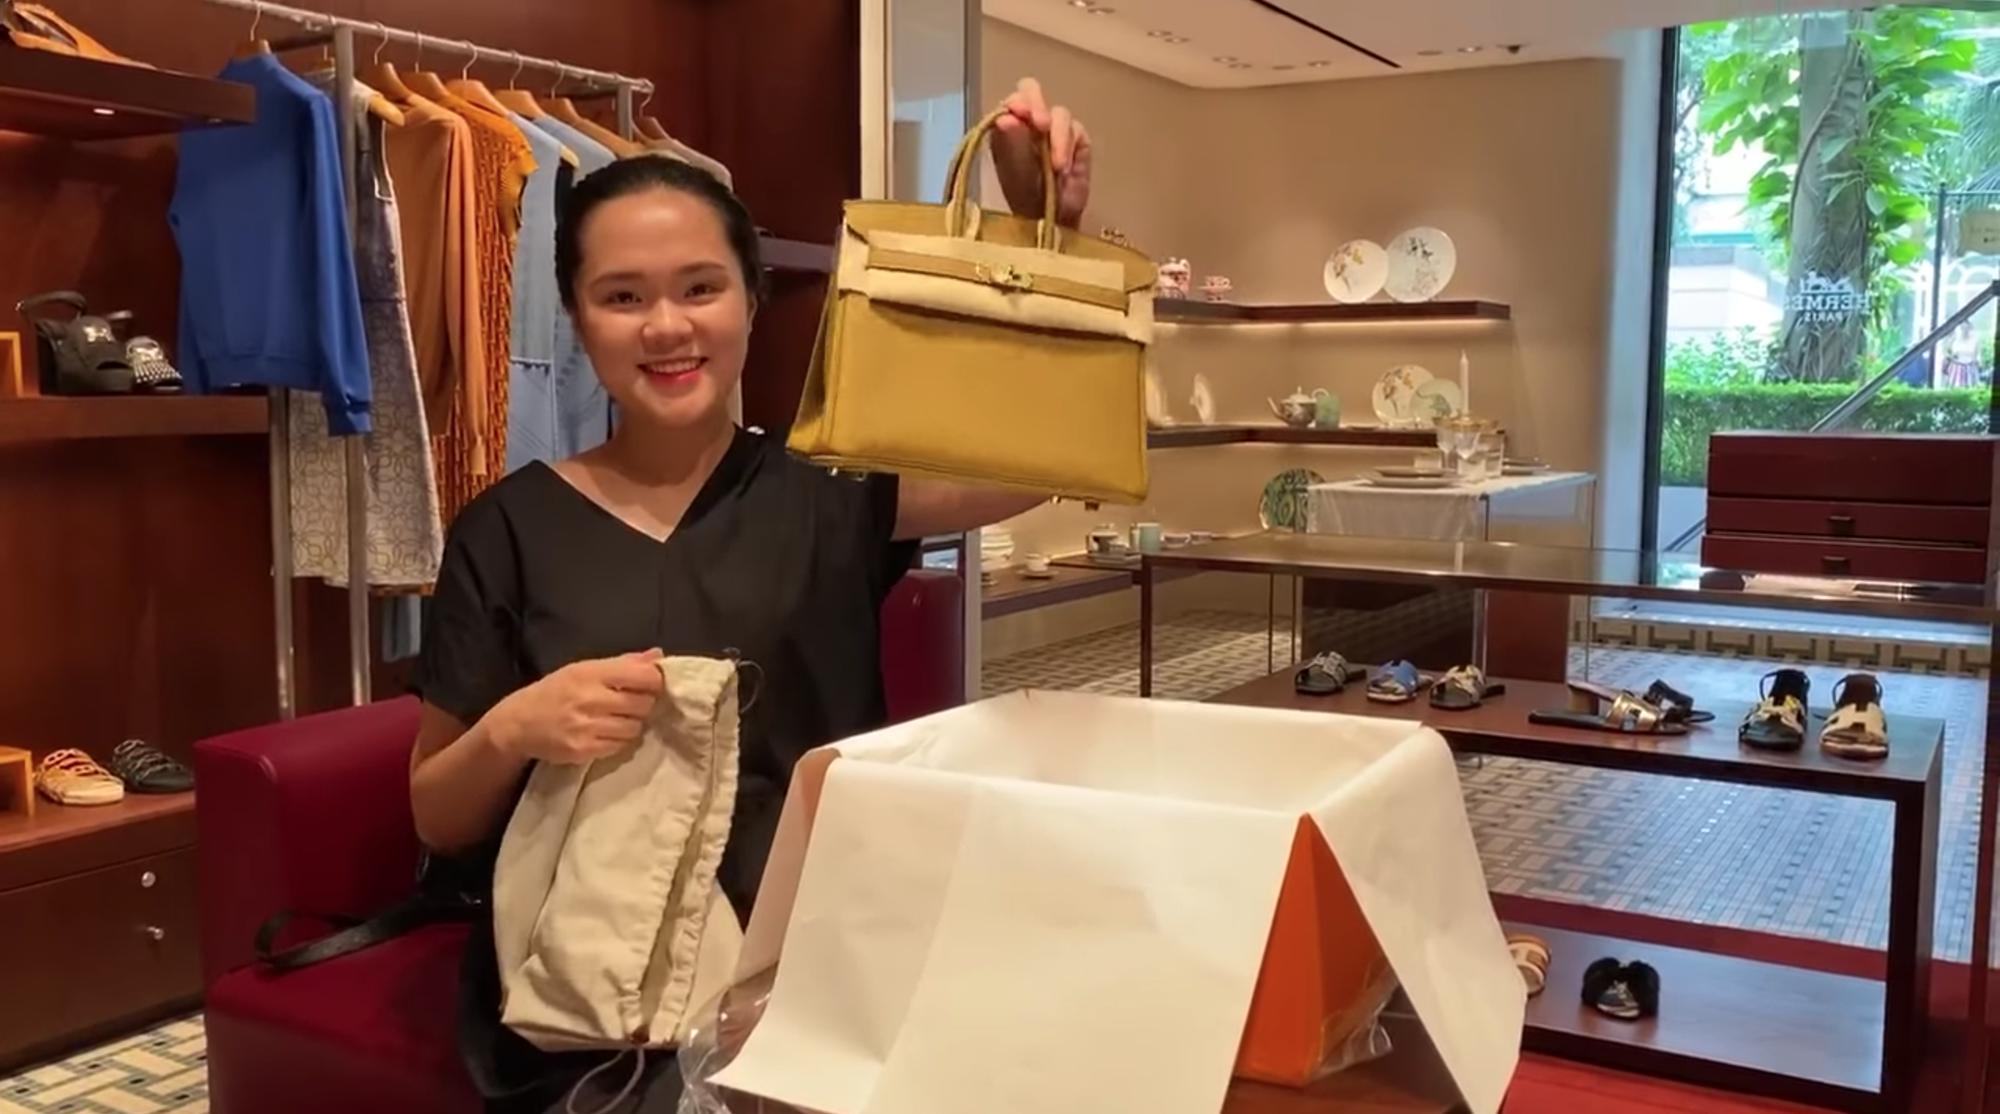 Xứng danh vợ Mạnh gắt, Quỳnh Anh cũng khét ra trò: Trong 2 tháng tậu liền 3 chiếc túi Hermès, tổng giá trị hơn nửa tỷ đồng - Ảnh 2.